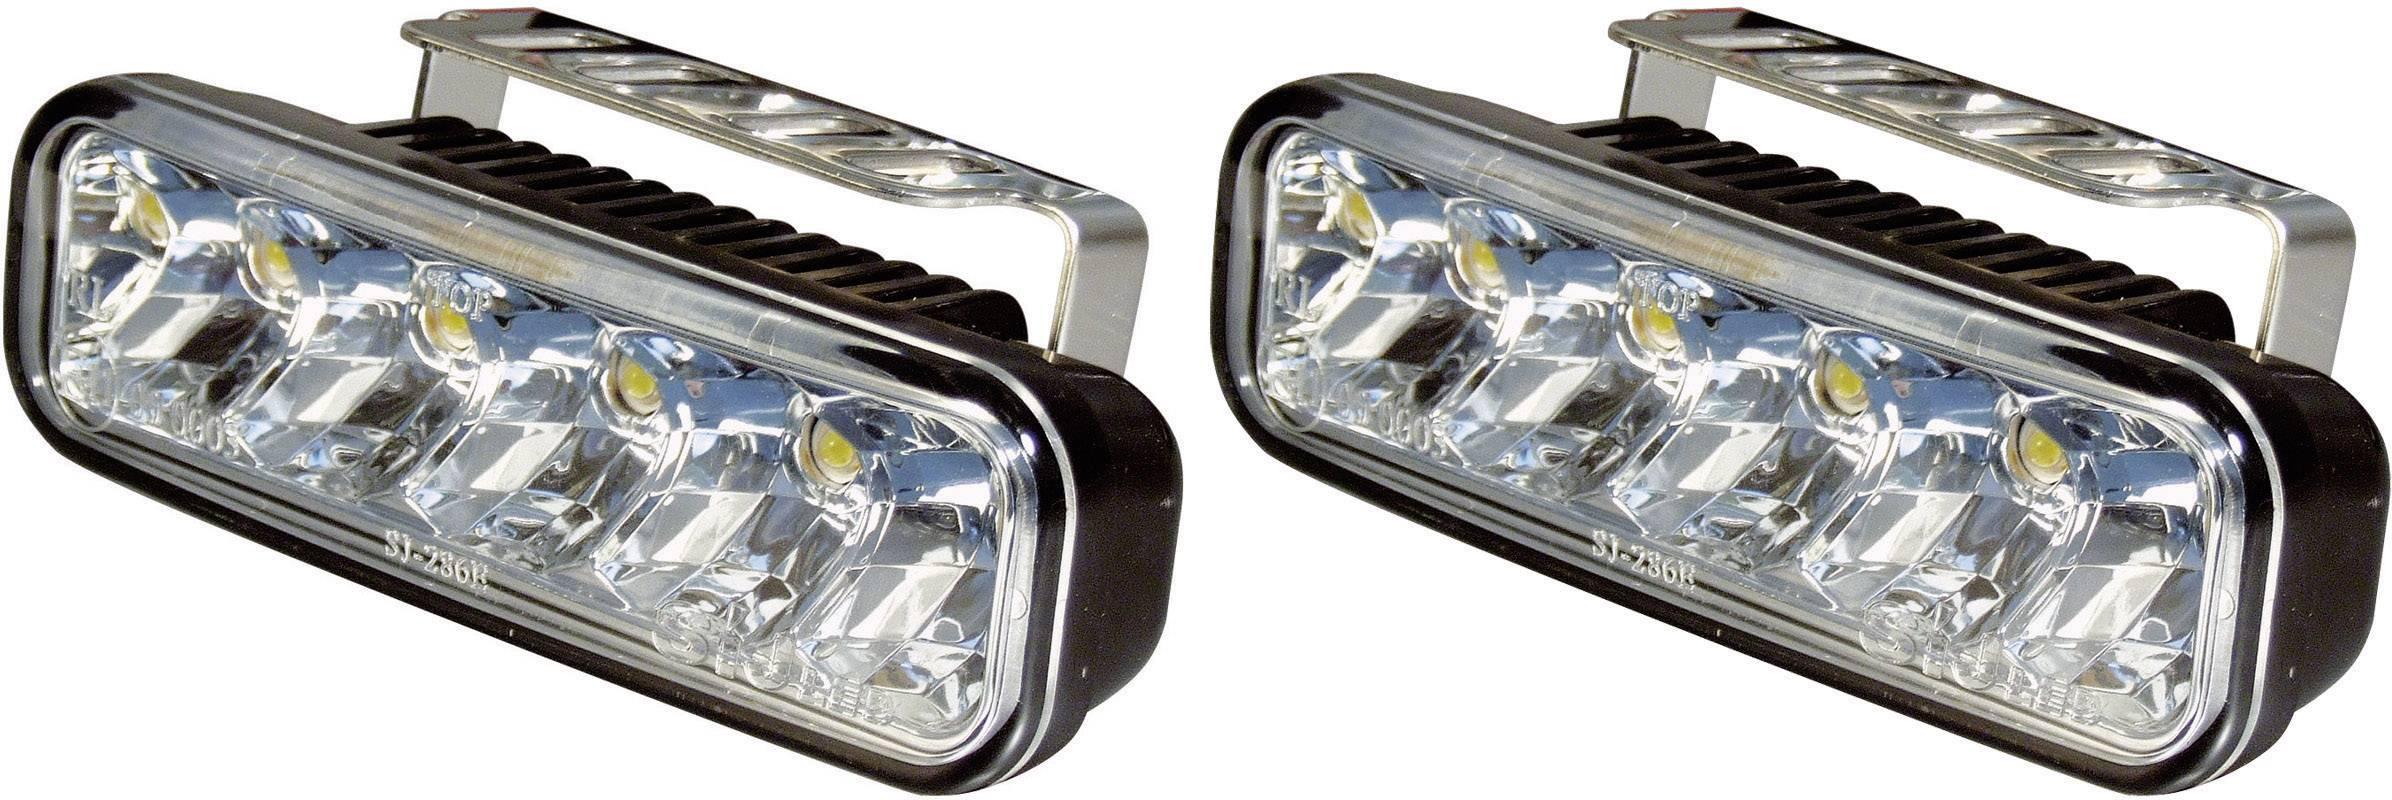 LED-denné svetlá